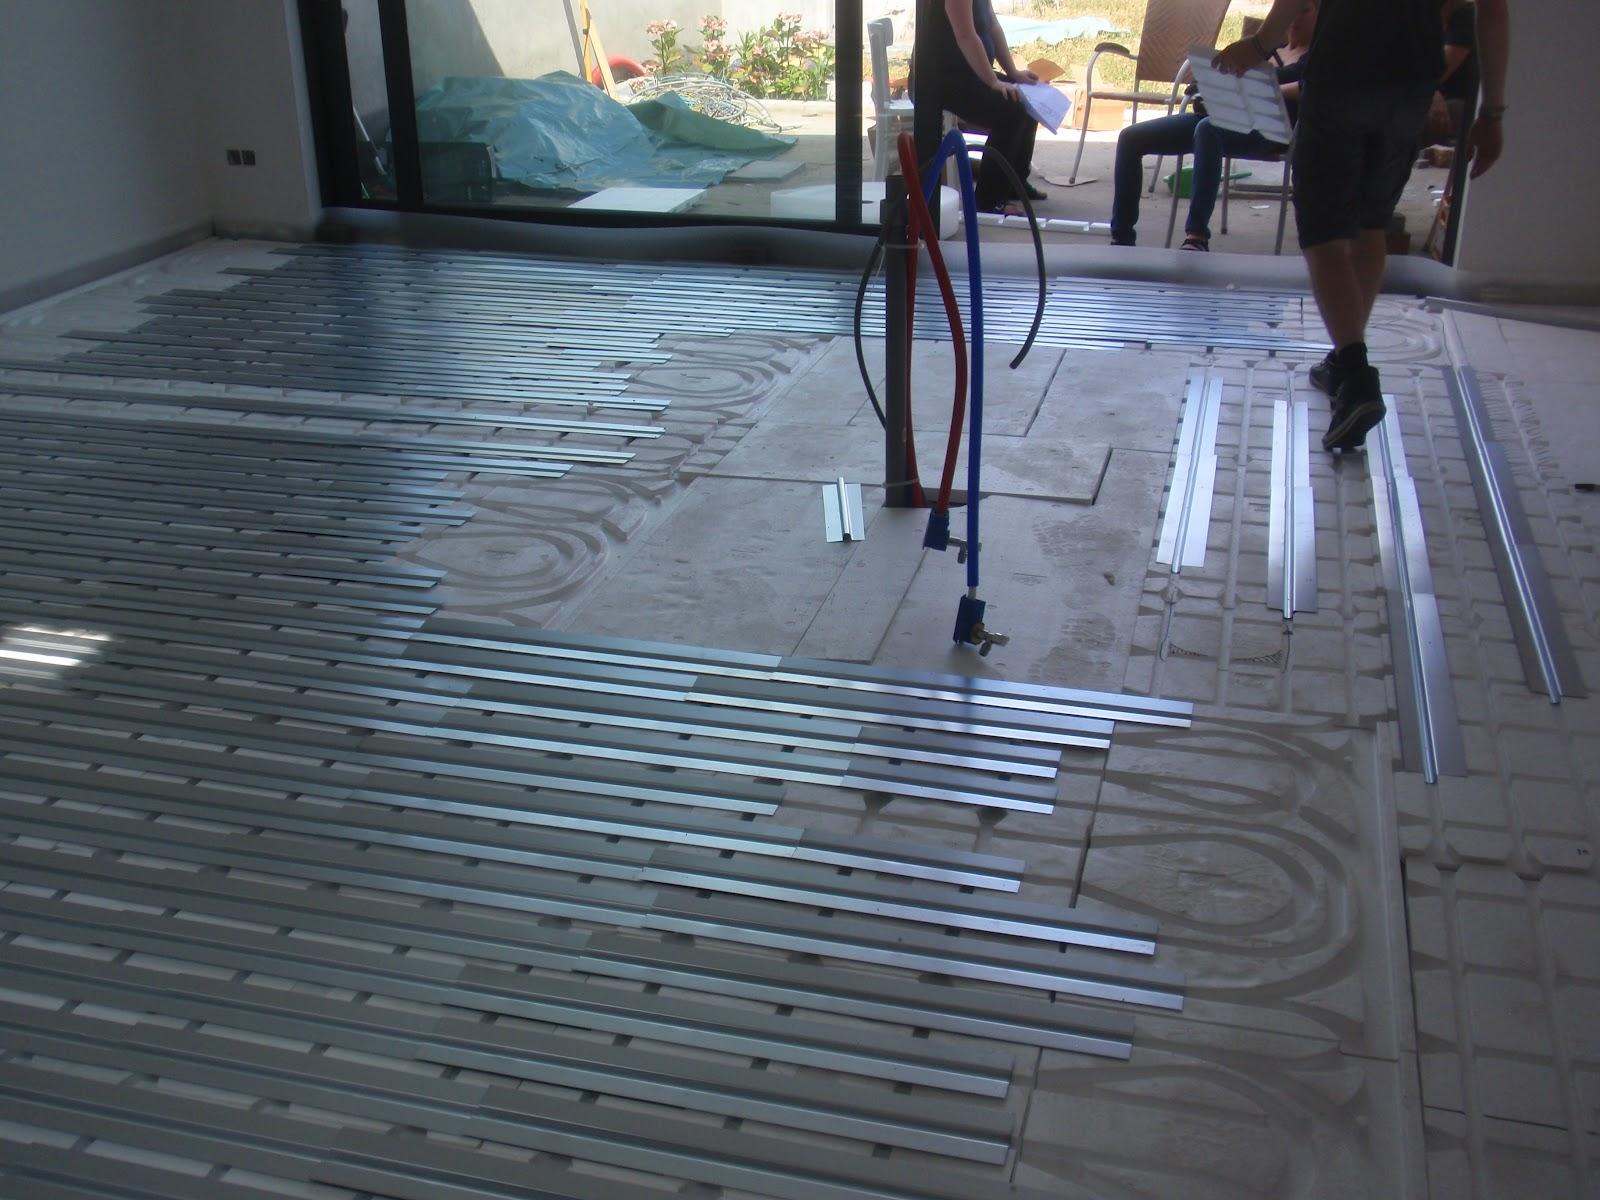 Verbouwing Vloerverwarming Plaatsen